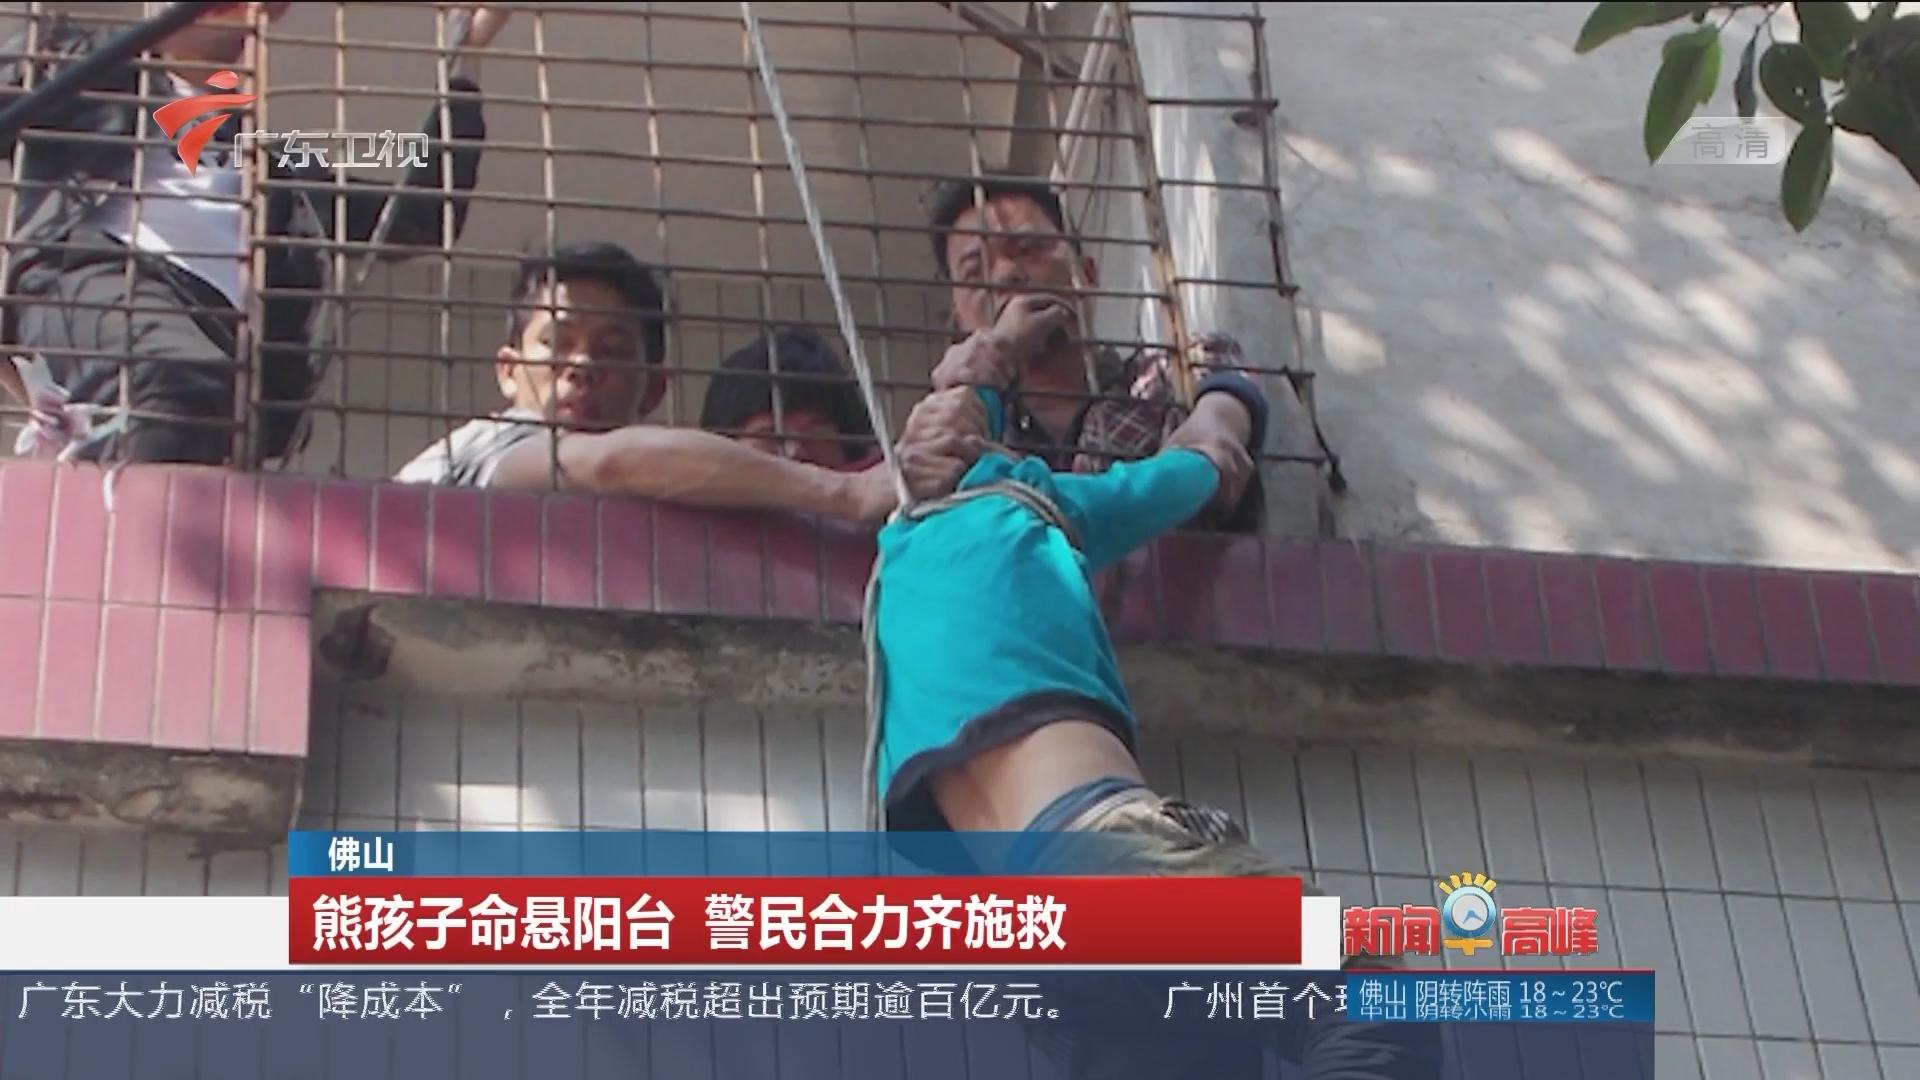 佛山:熊孩子命悬阳台 警民合力齐施救